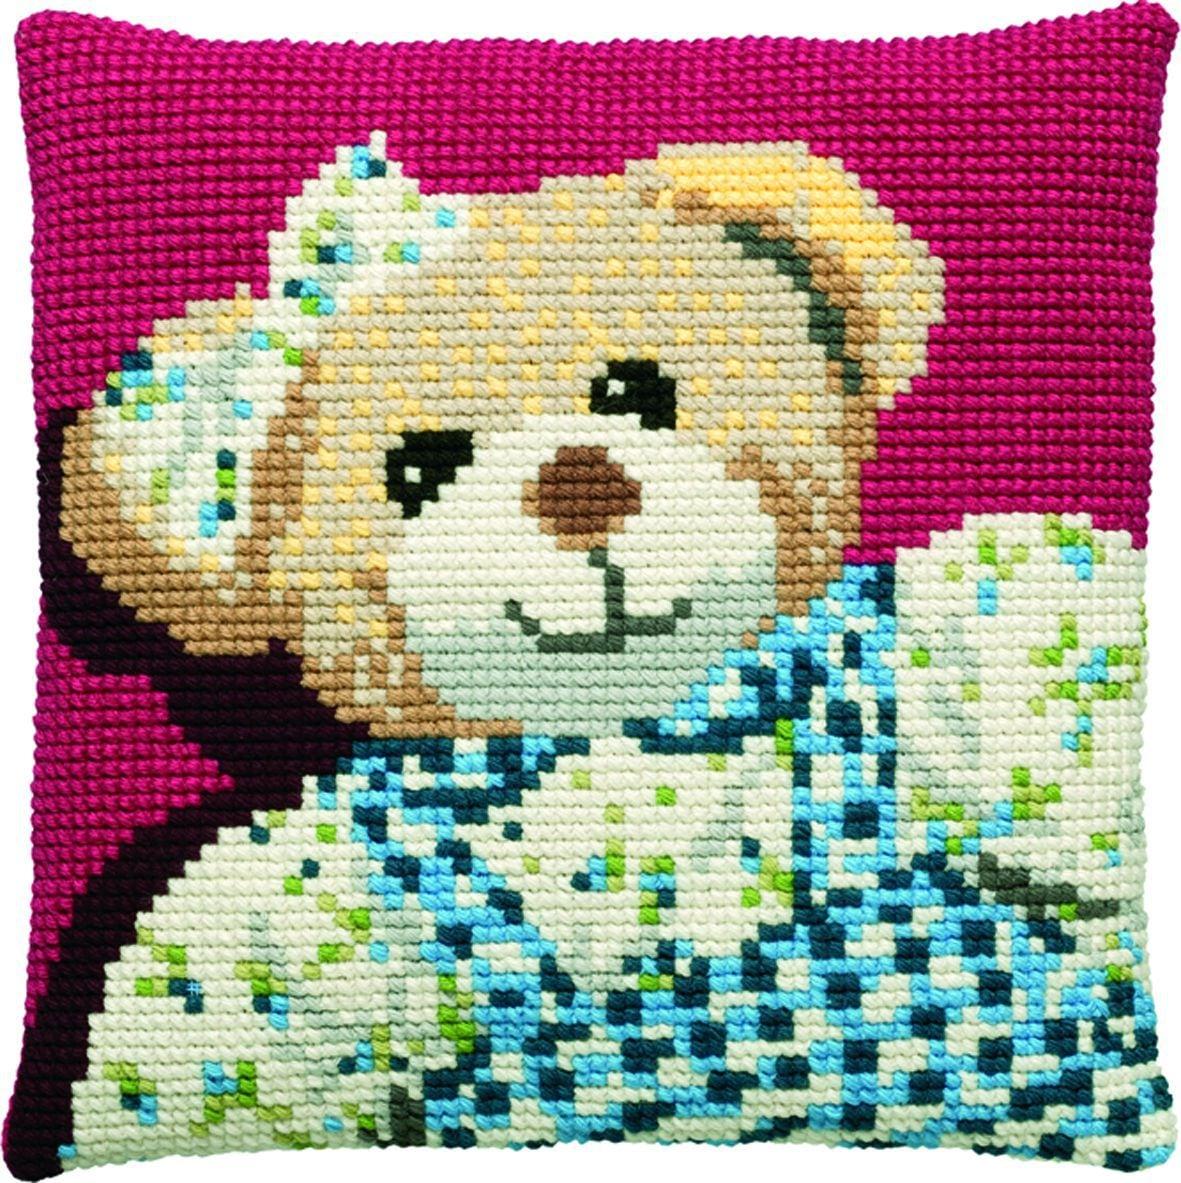 cross stitch cushion teddy girl printed